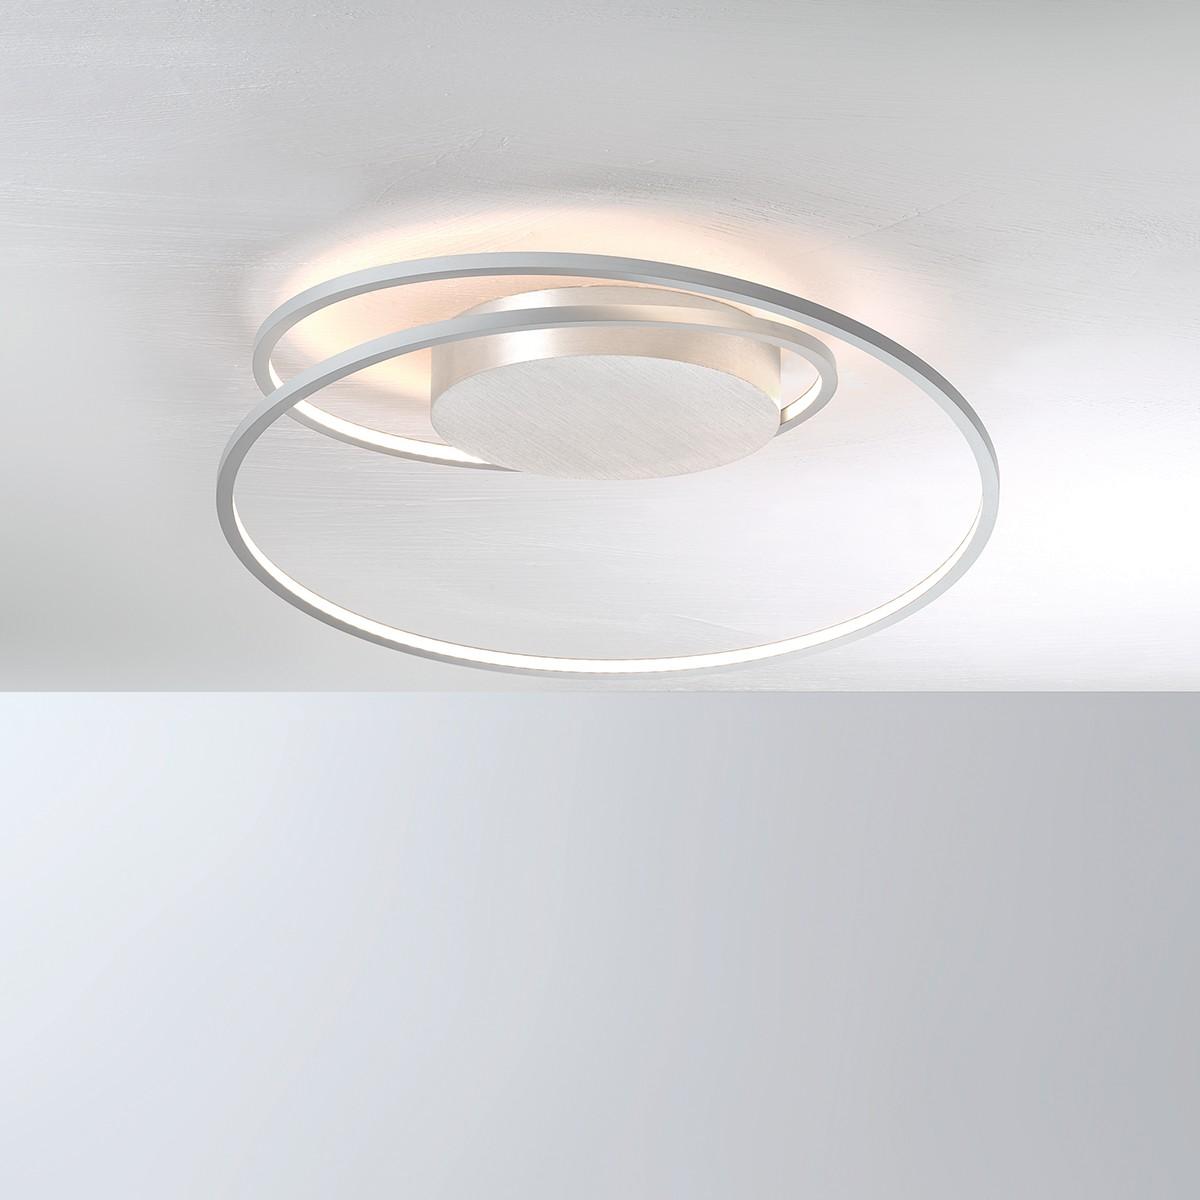 Bopp AT Deckenleuchte mit Modul, Aluminium geschliffen, Ø: 45 cm